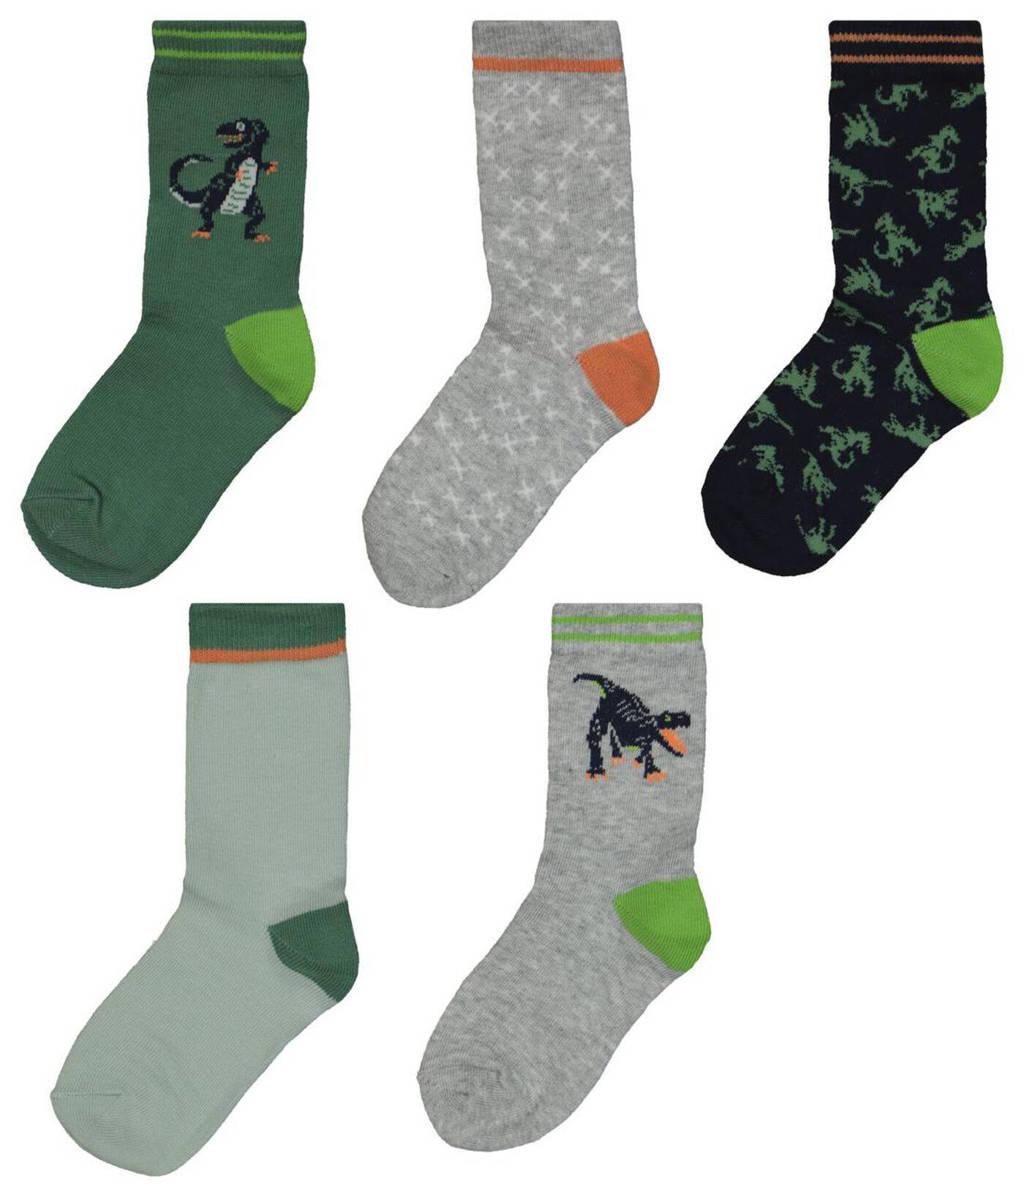 HEMA sokken - set van 5 grijs/groen, Grijs/groen